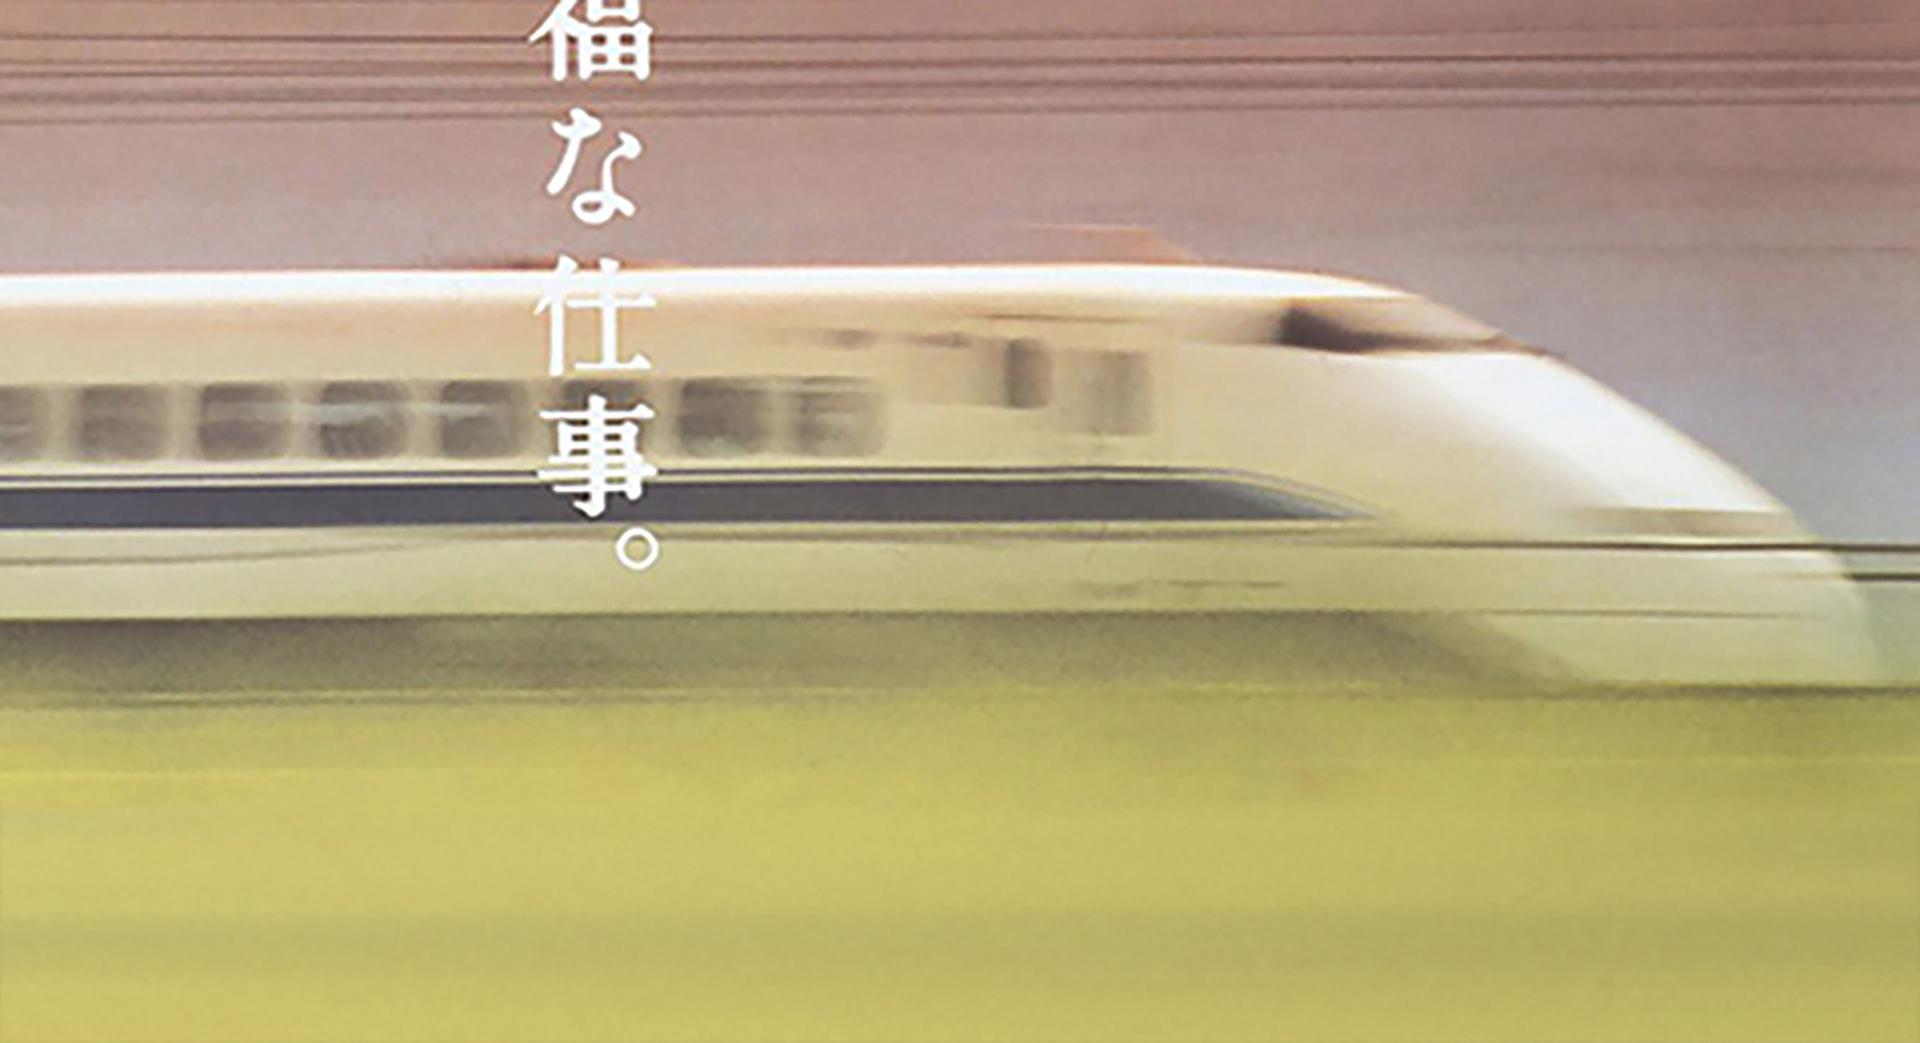 「幸福な仕事」 〜東海道新幹線30周年キャンペーン〜